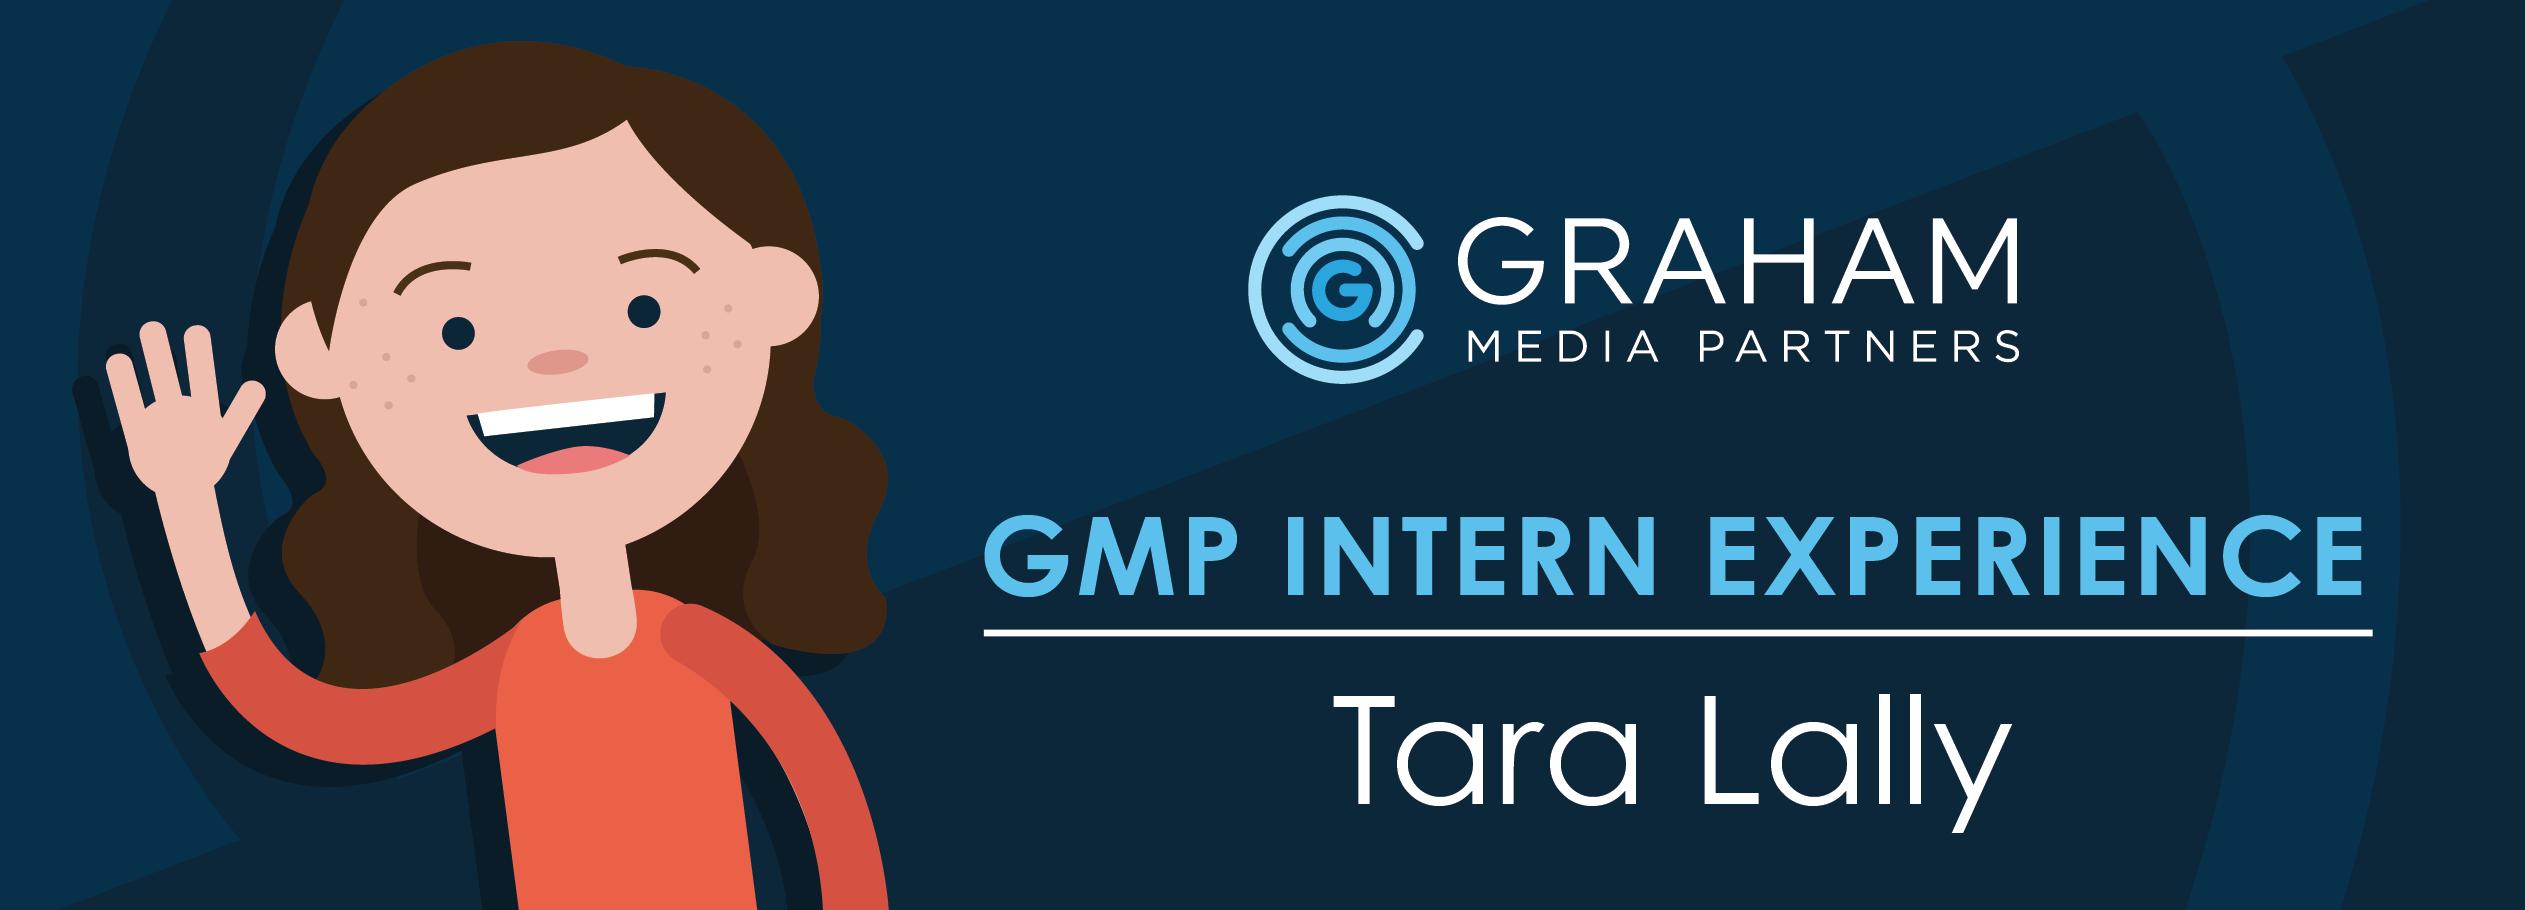 Tara Lally's Internship Experience